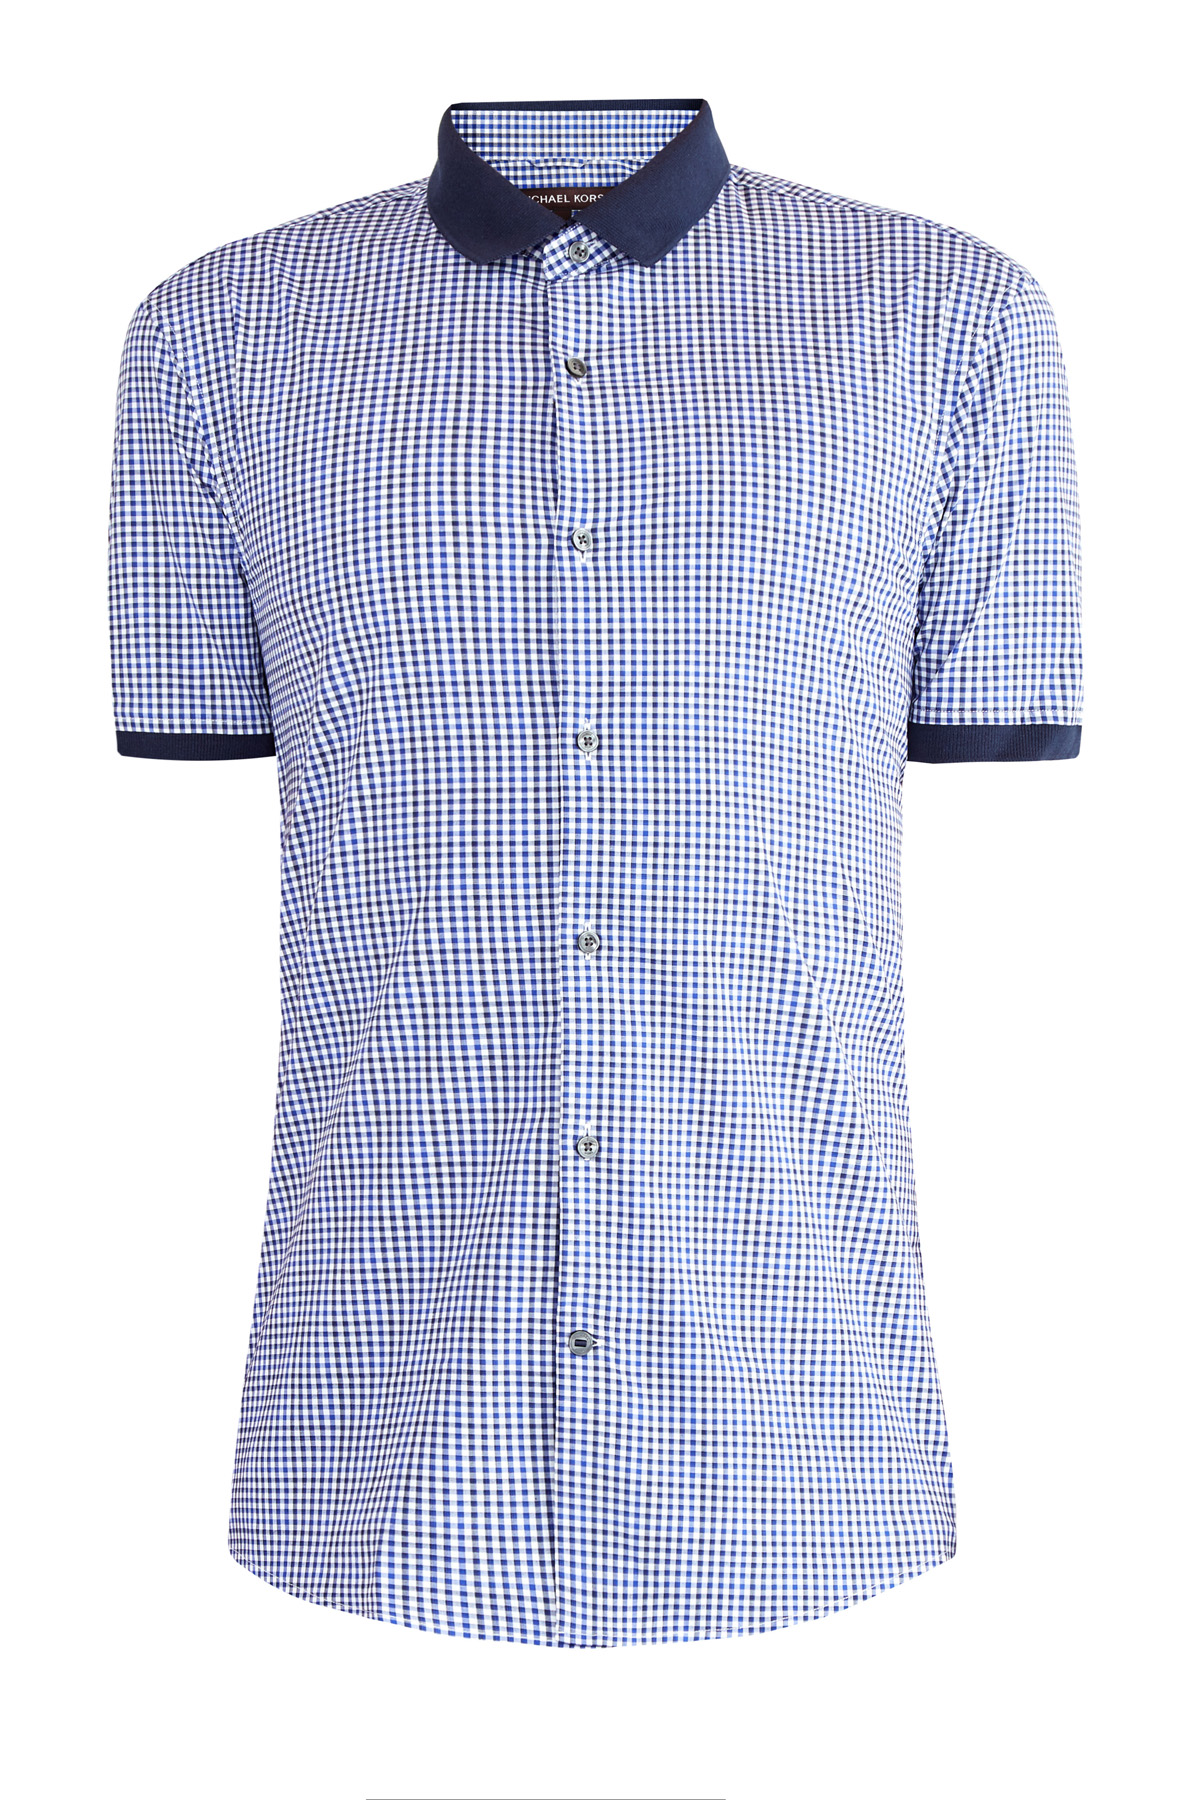 Рубашка slim fit из хлопка в клетку виши с отделкой в стиле поло